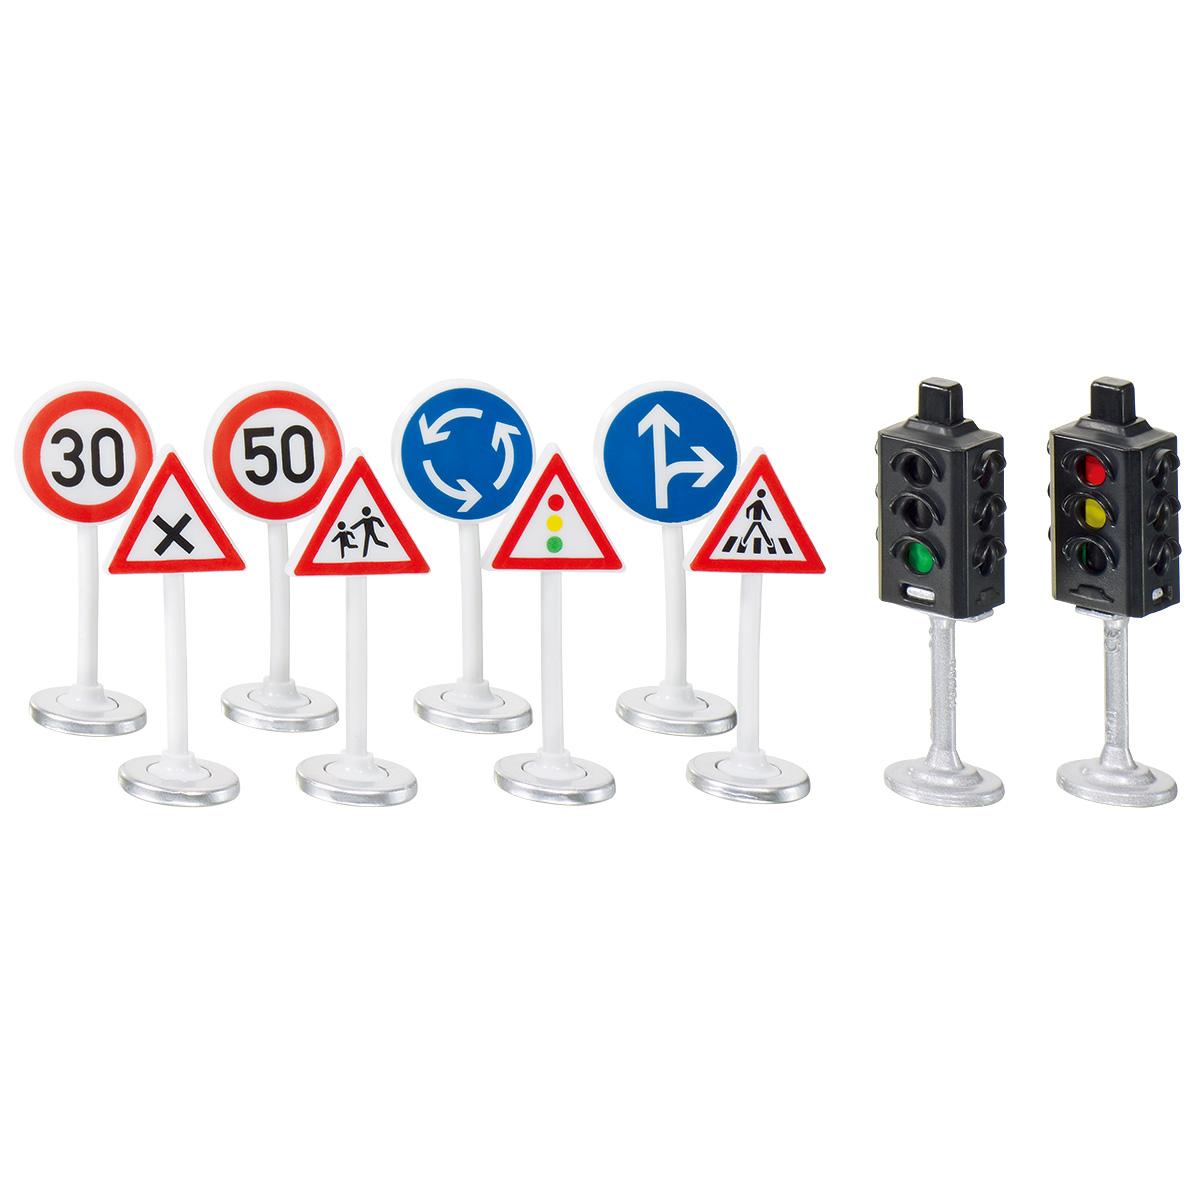 アクセサリー信号機・道路標識セット ジクワールド用(ジク・SIKU)